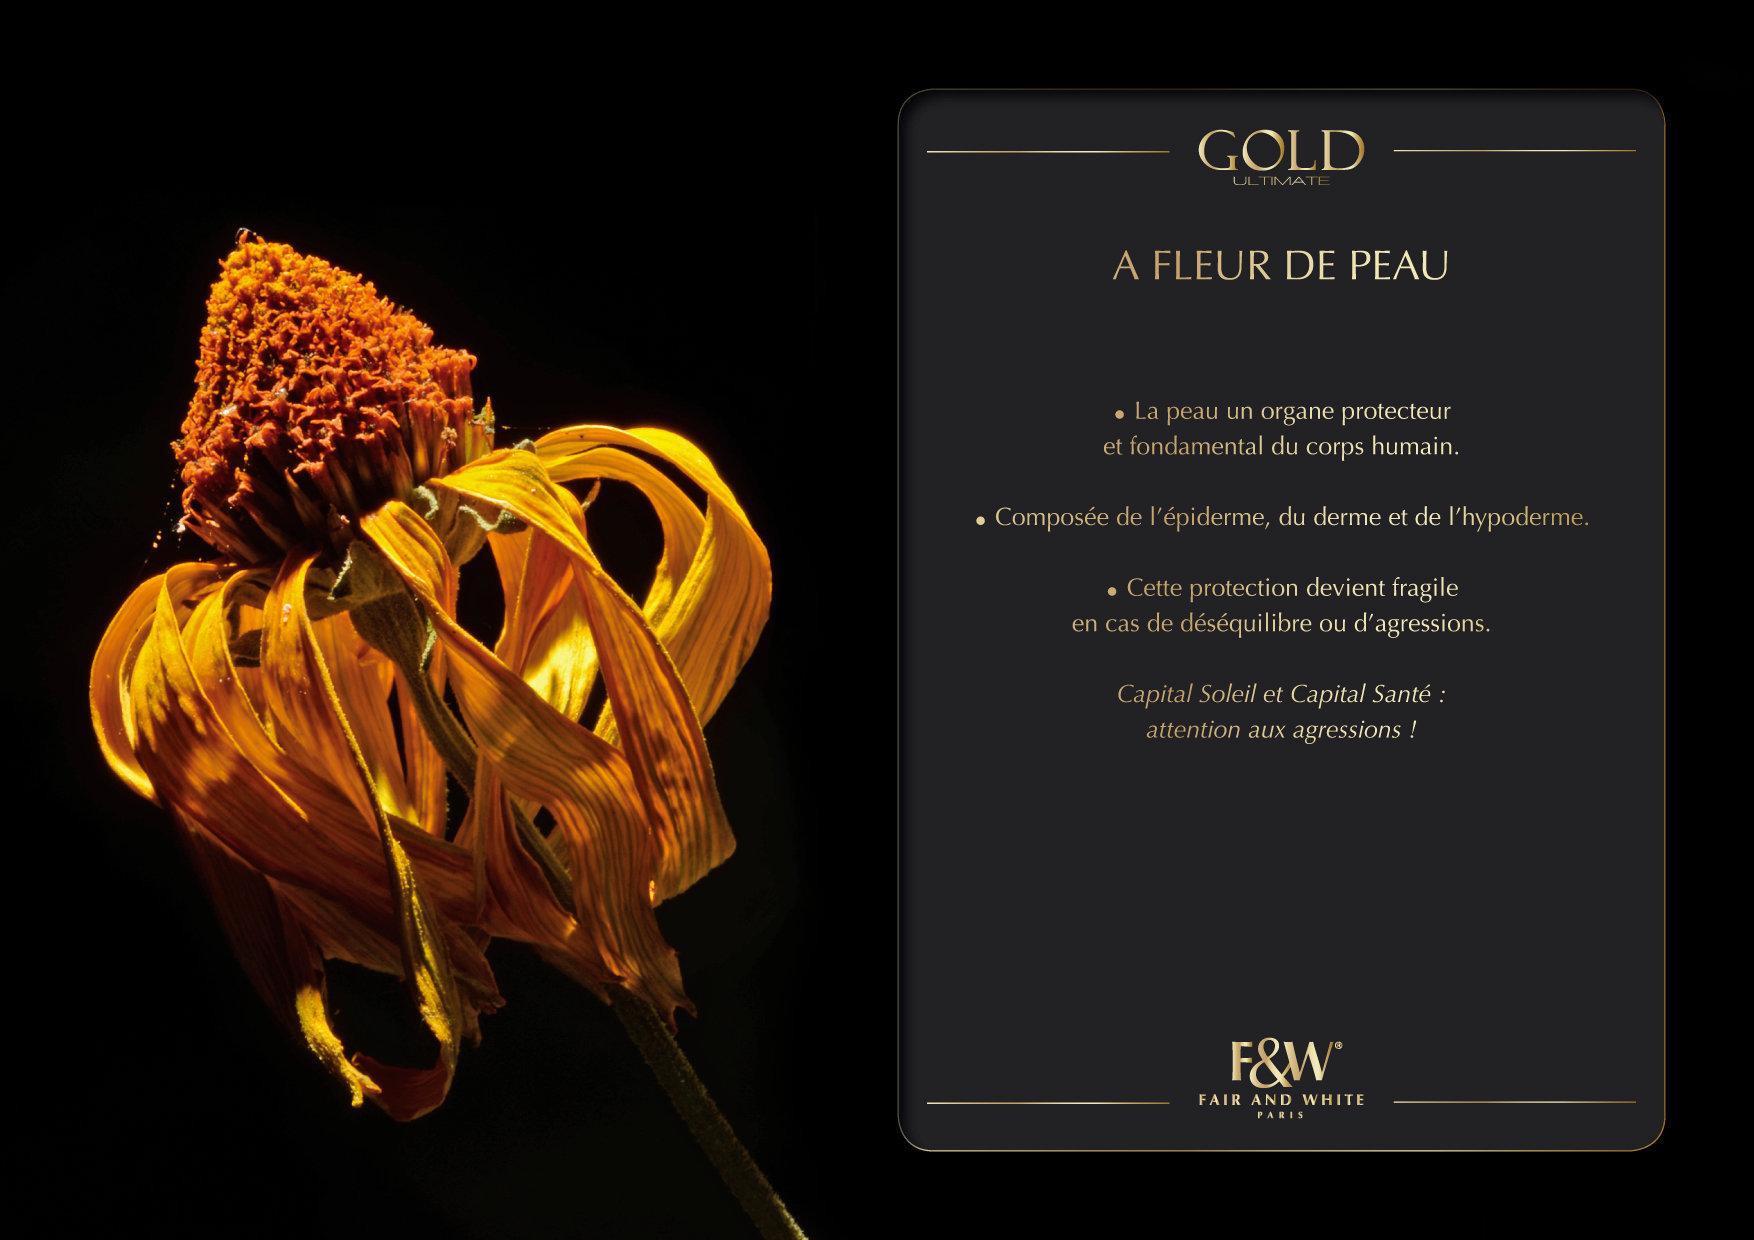 """<font color=""""#aaa7a6"""">Gold : présentation de la gamme (6/20).</font>"""